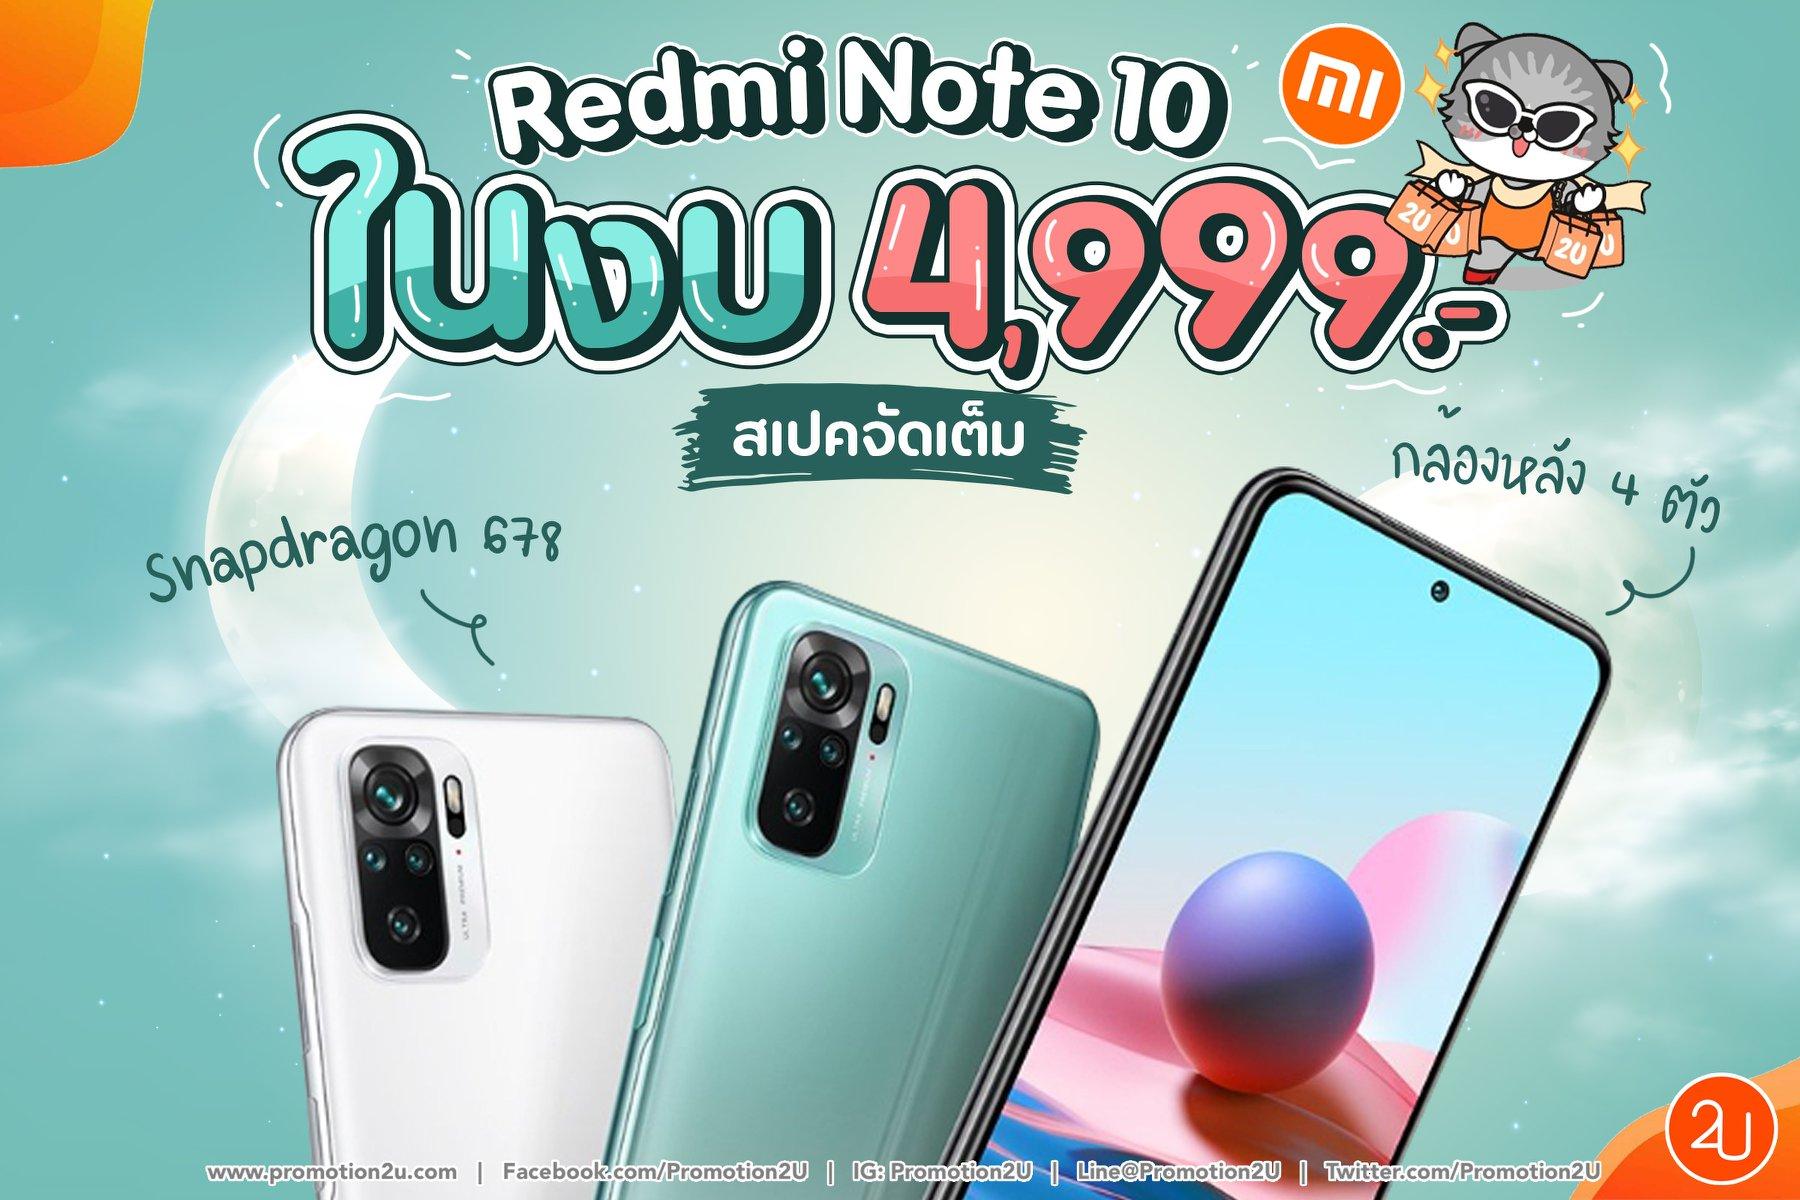 2U รีวิว Redmi Note 10 สมาร์ทโฟนสเปคเทพ งบ 4,999.- !!